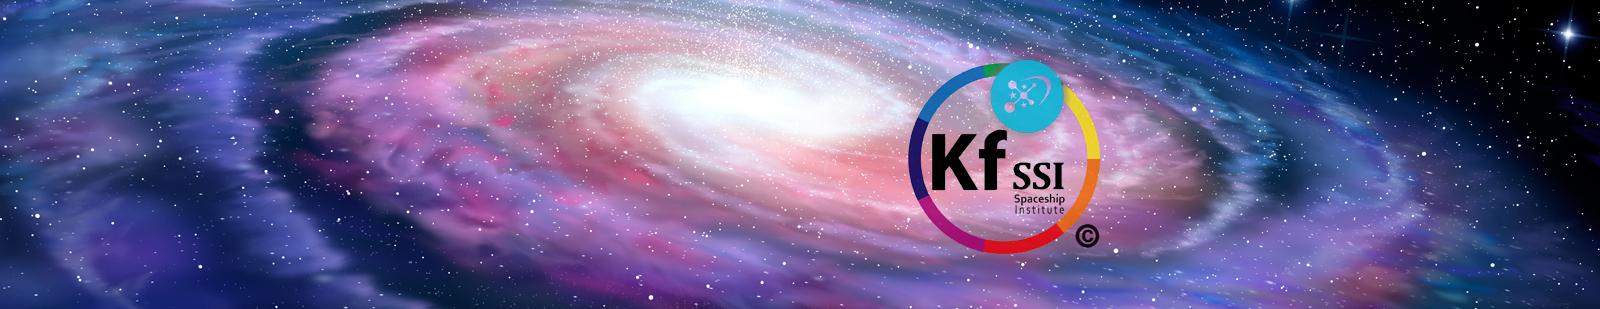 KfDeutsch.org